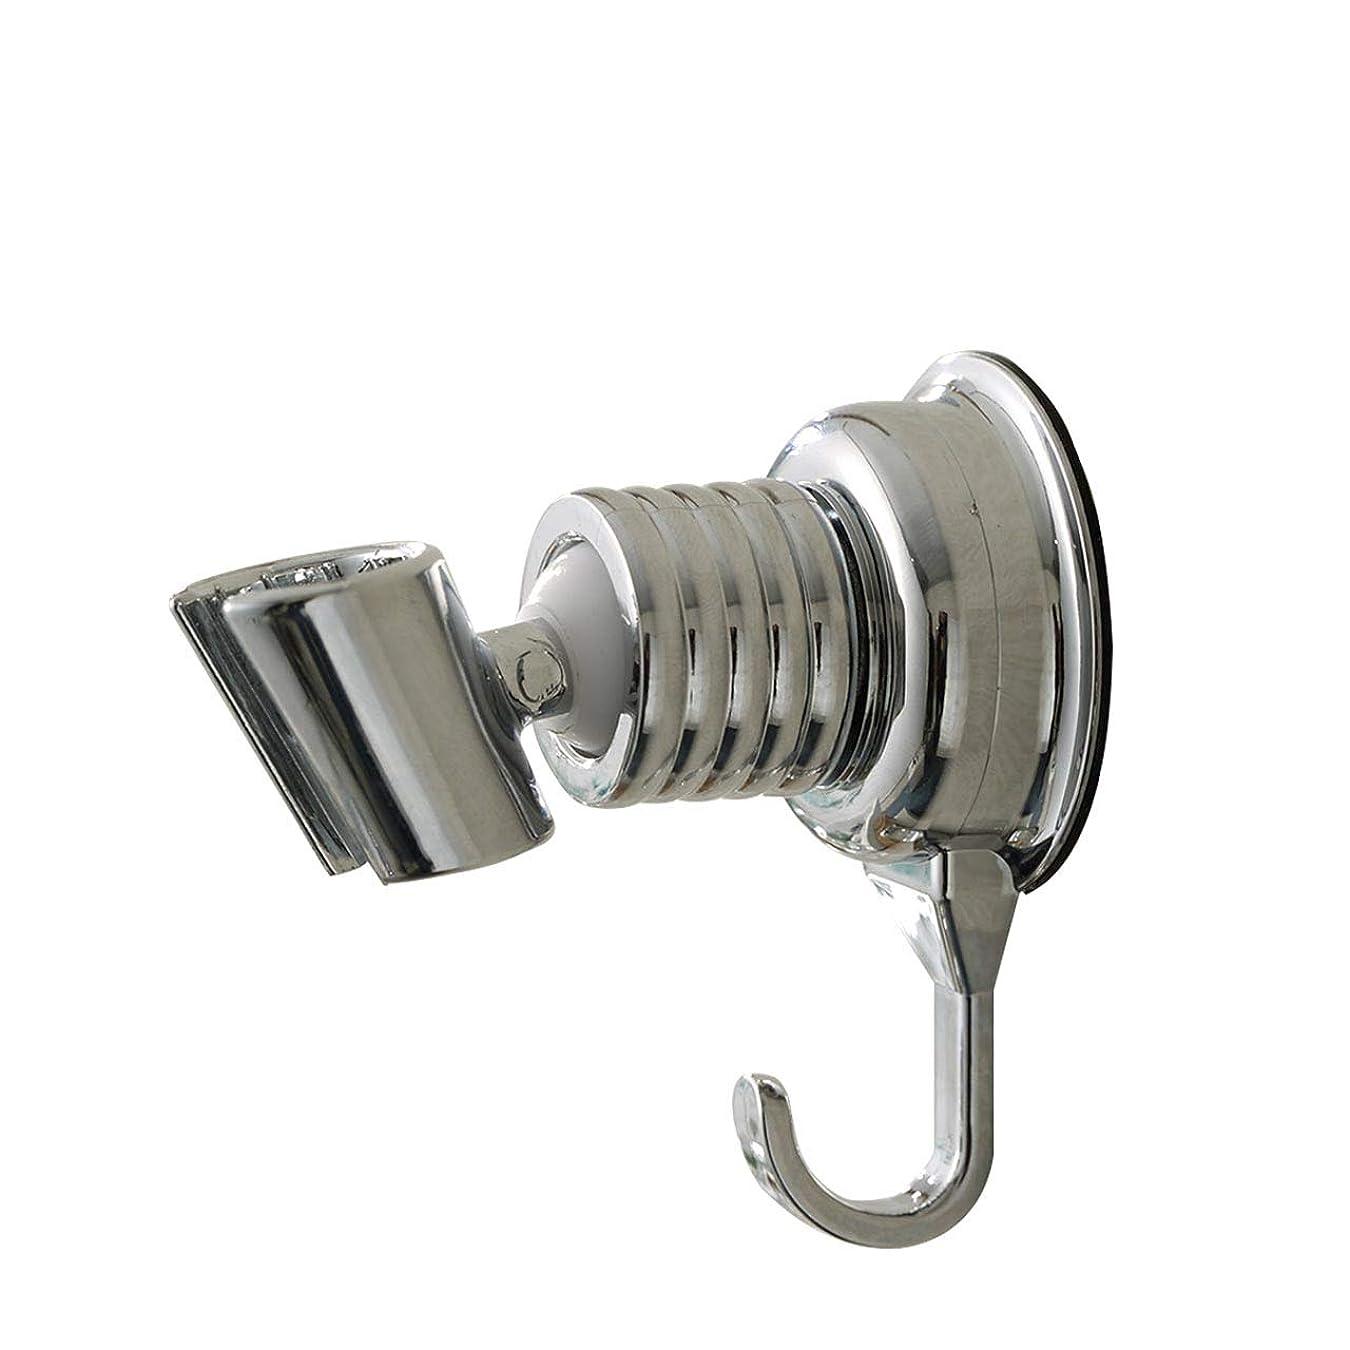 一貫した伝記親密なFelimoa シャワーフック 強力吸盤 シャワーヘッドホルダー 角度調節自在 タオルフック付き